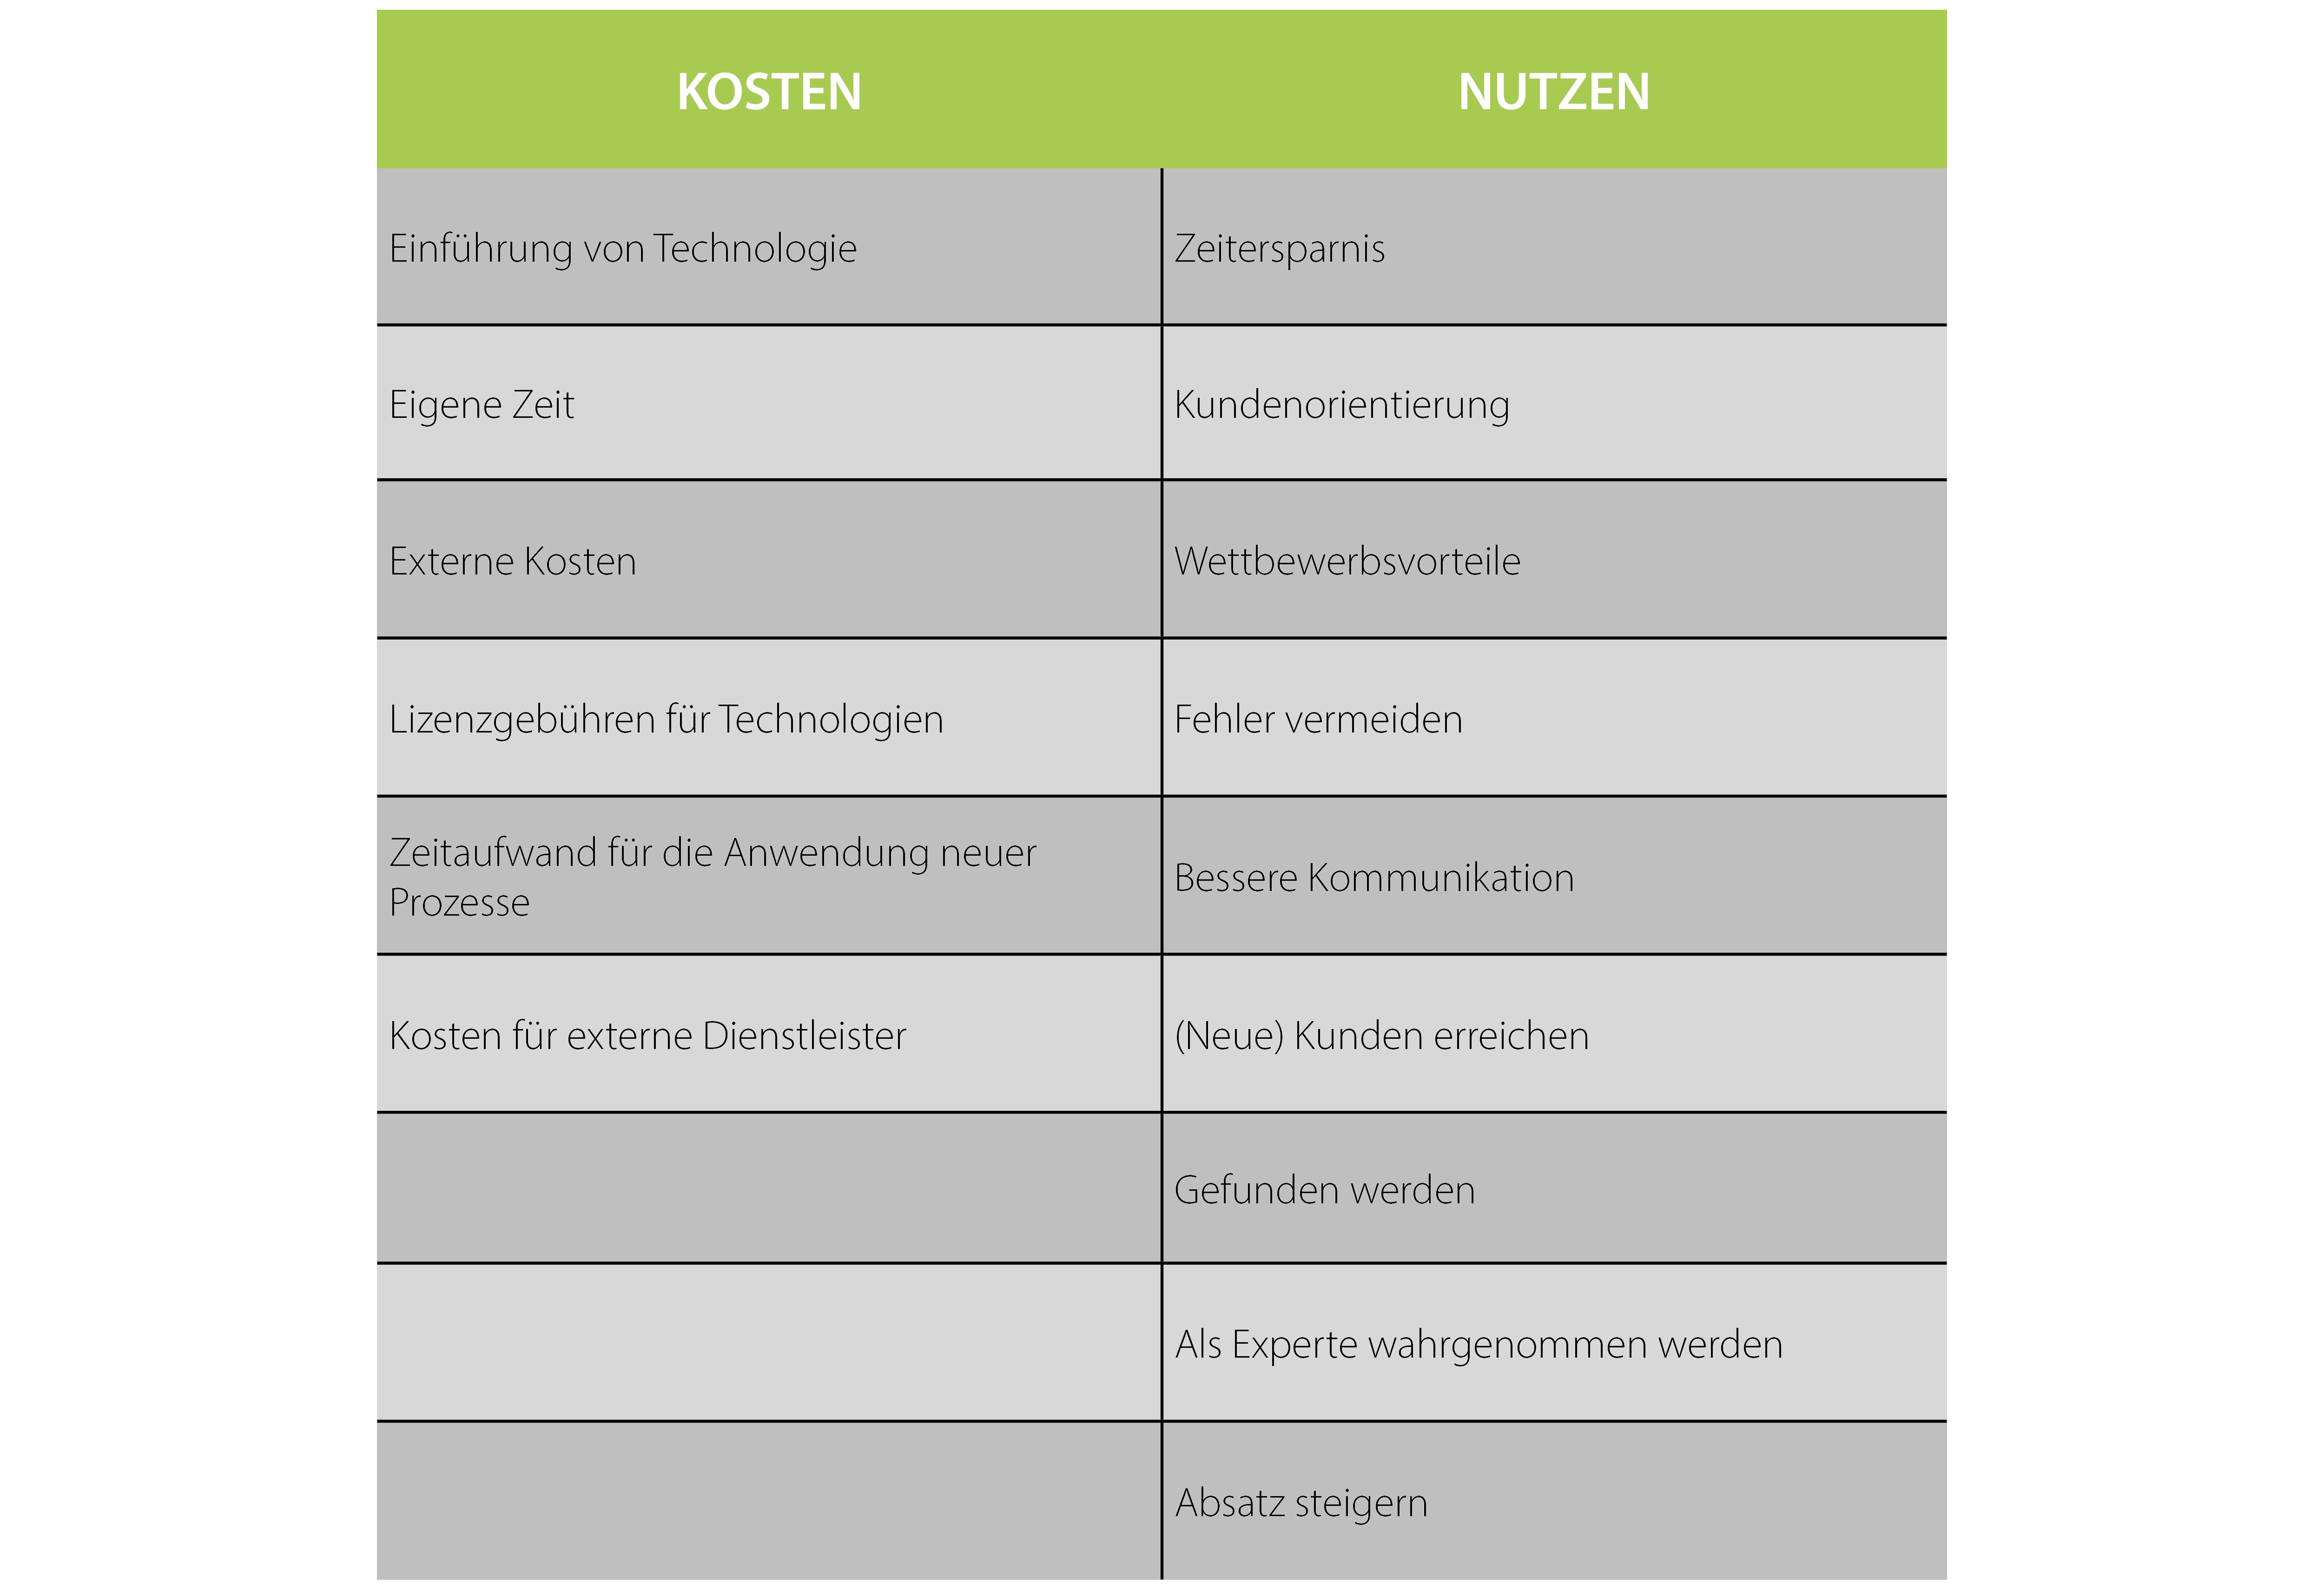 Eine Tabelle stellt Kosten und Nutzen der Digitalisierung einander gegenüber.